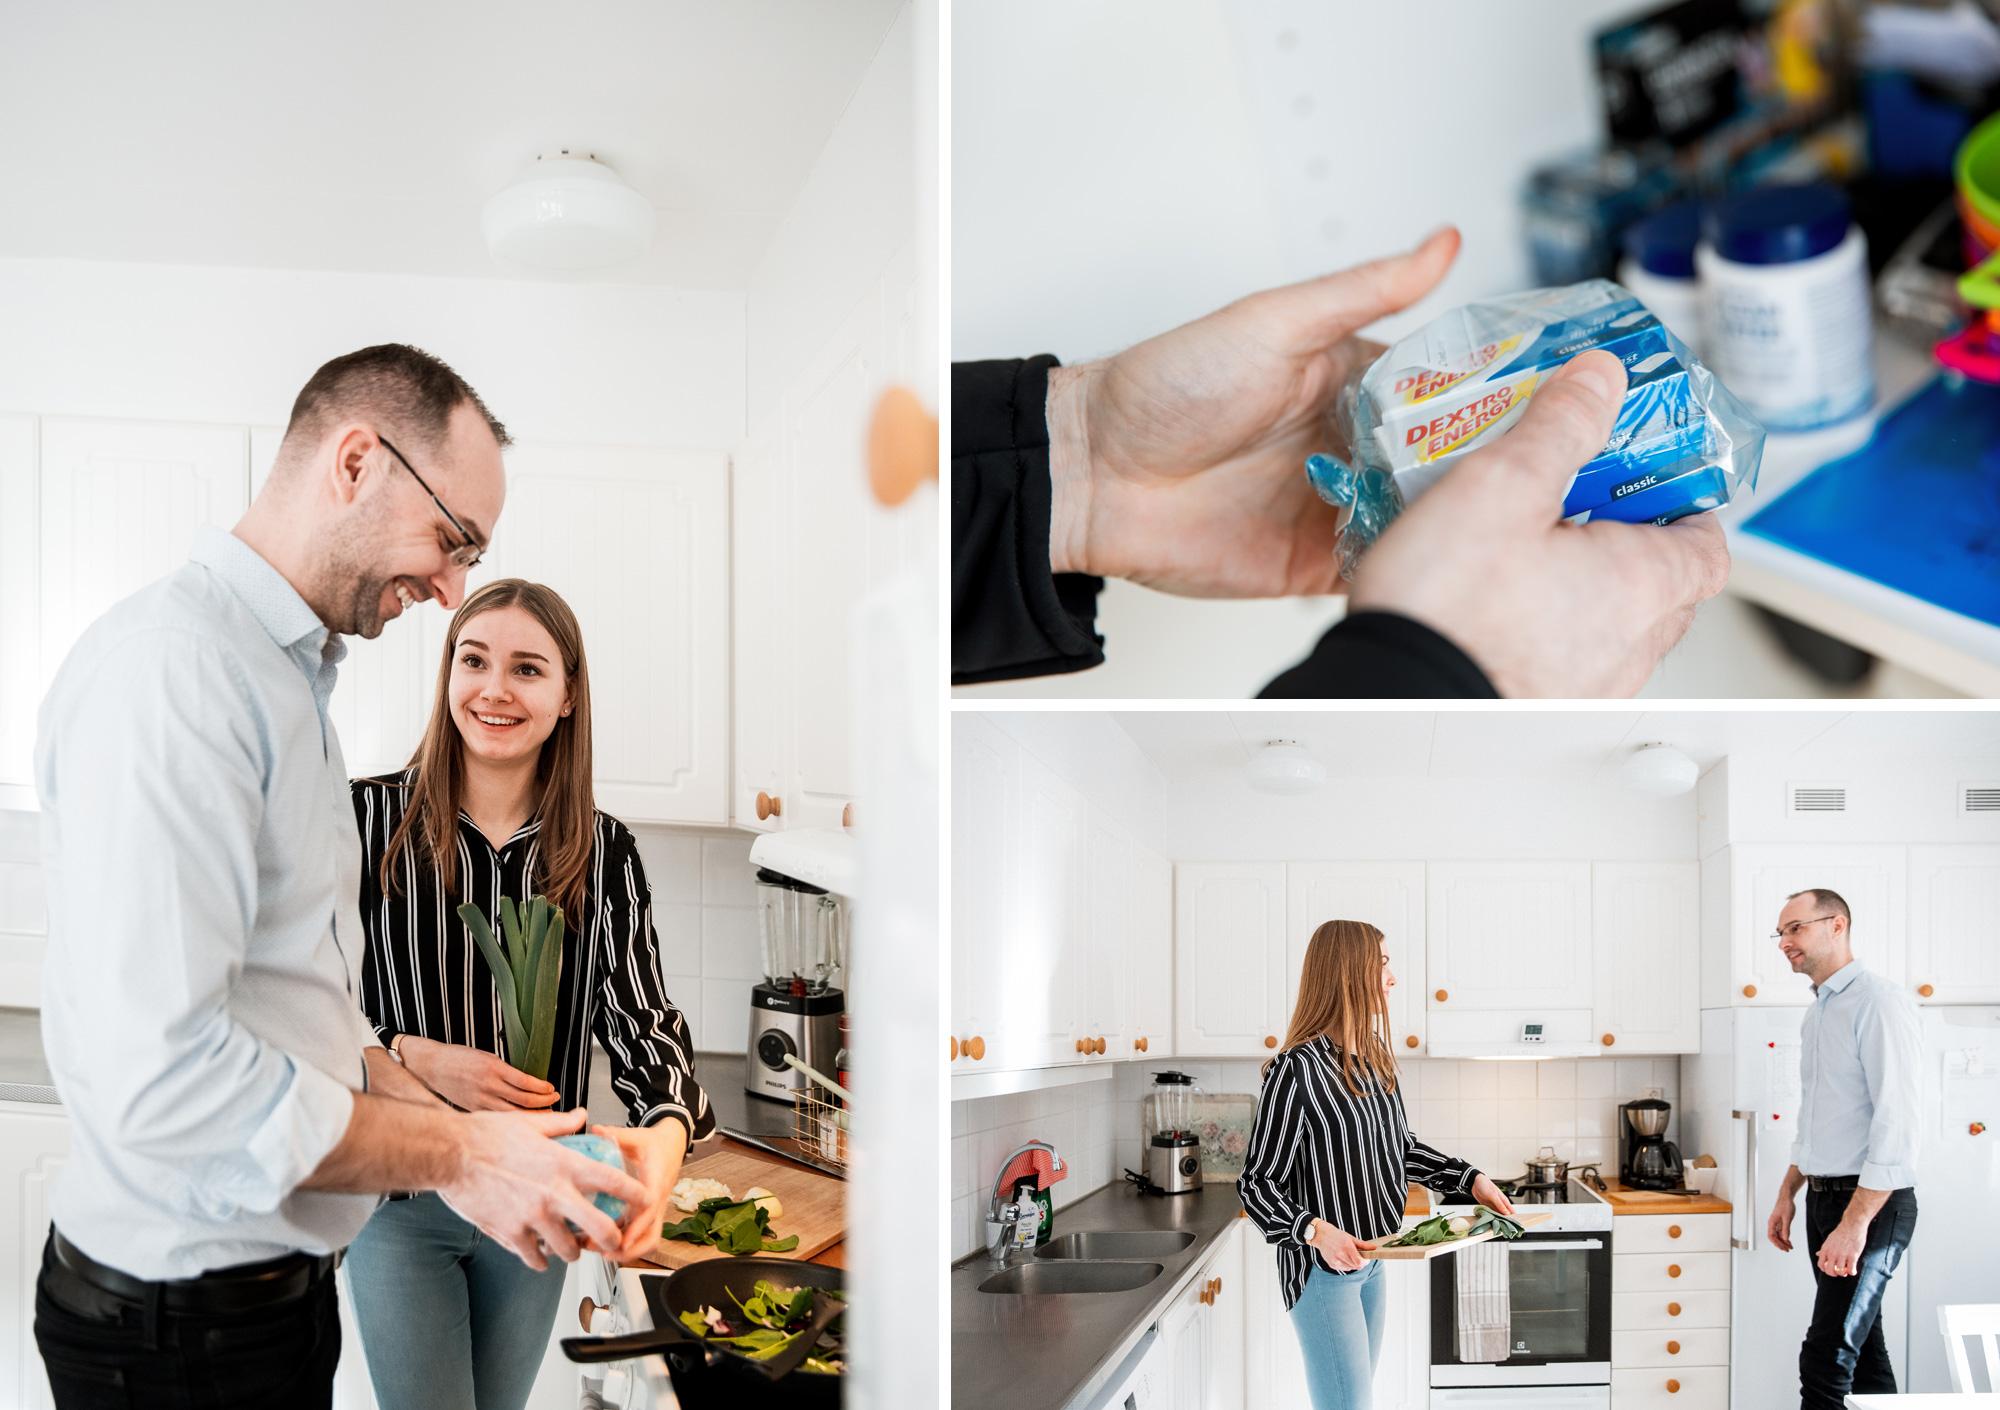 Prepping dotter med diabetes Diabetesförbundet artikel Fotograf Henrik Mill Enköping